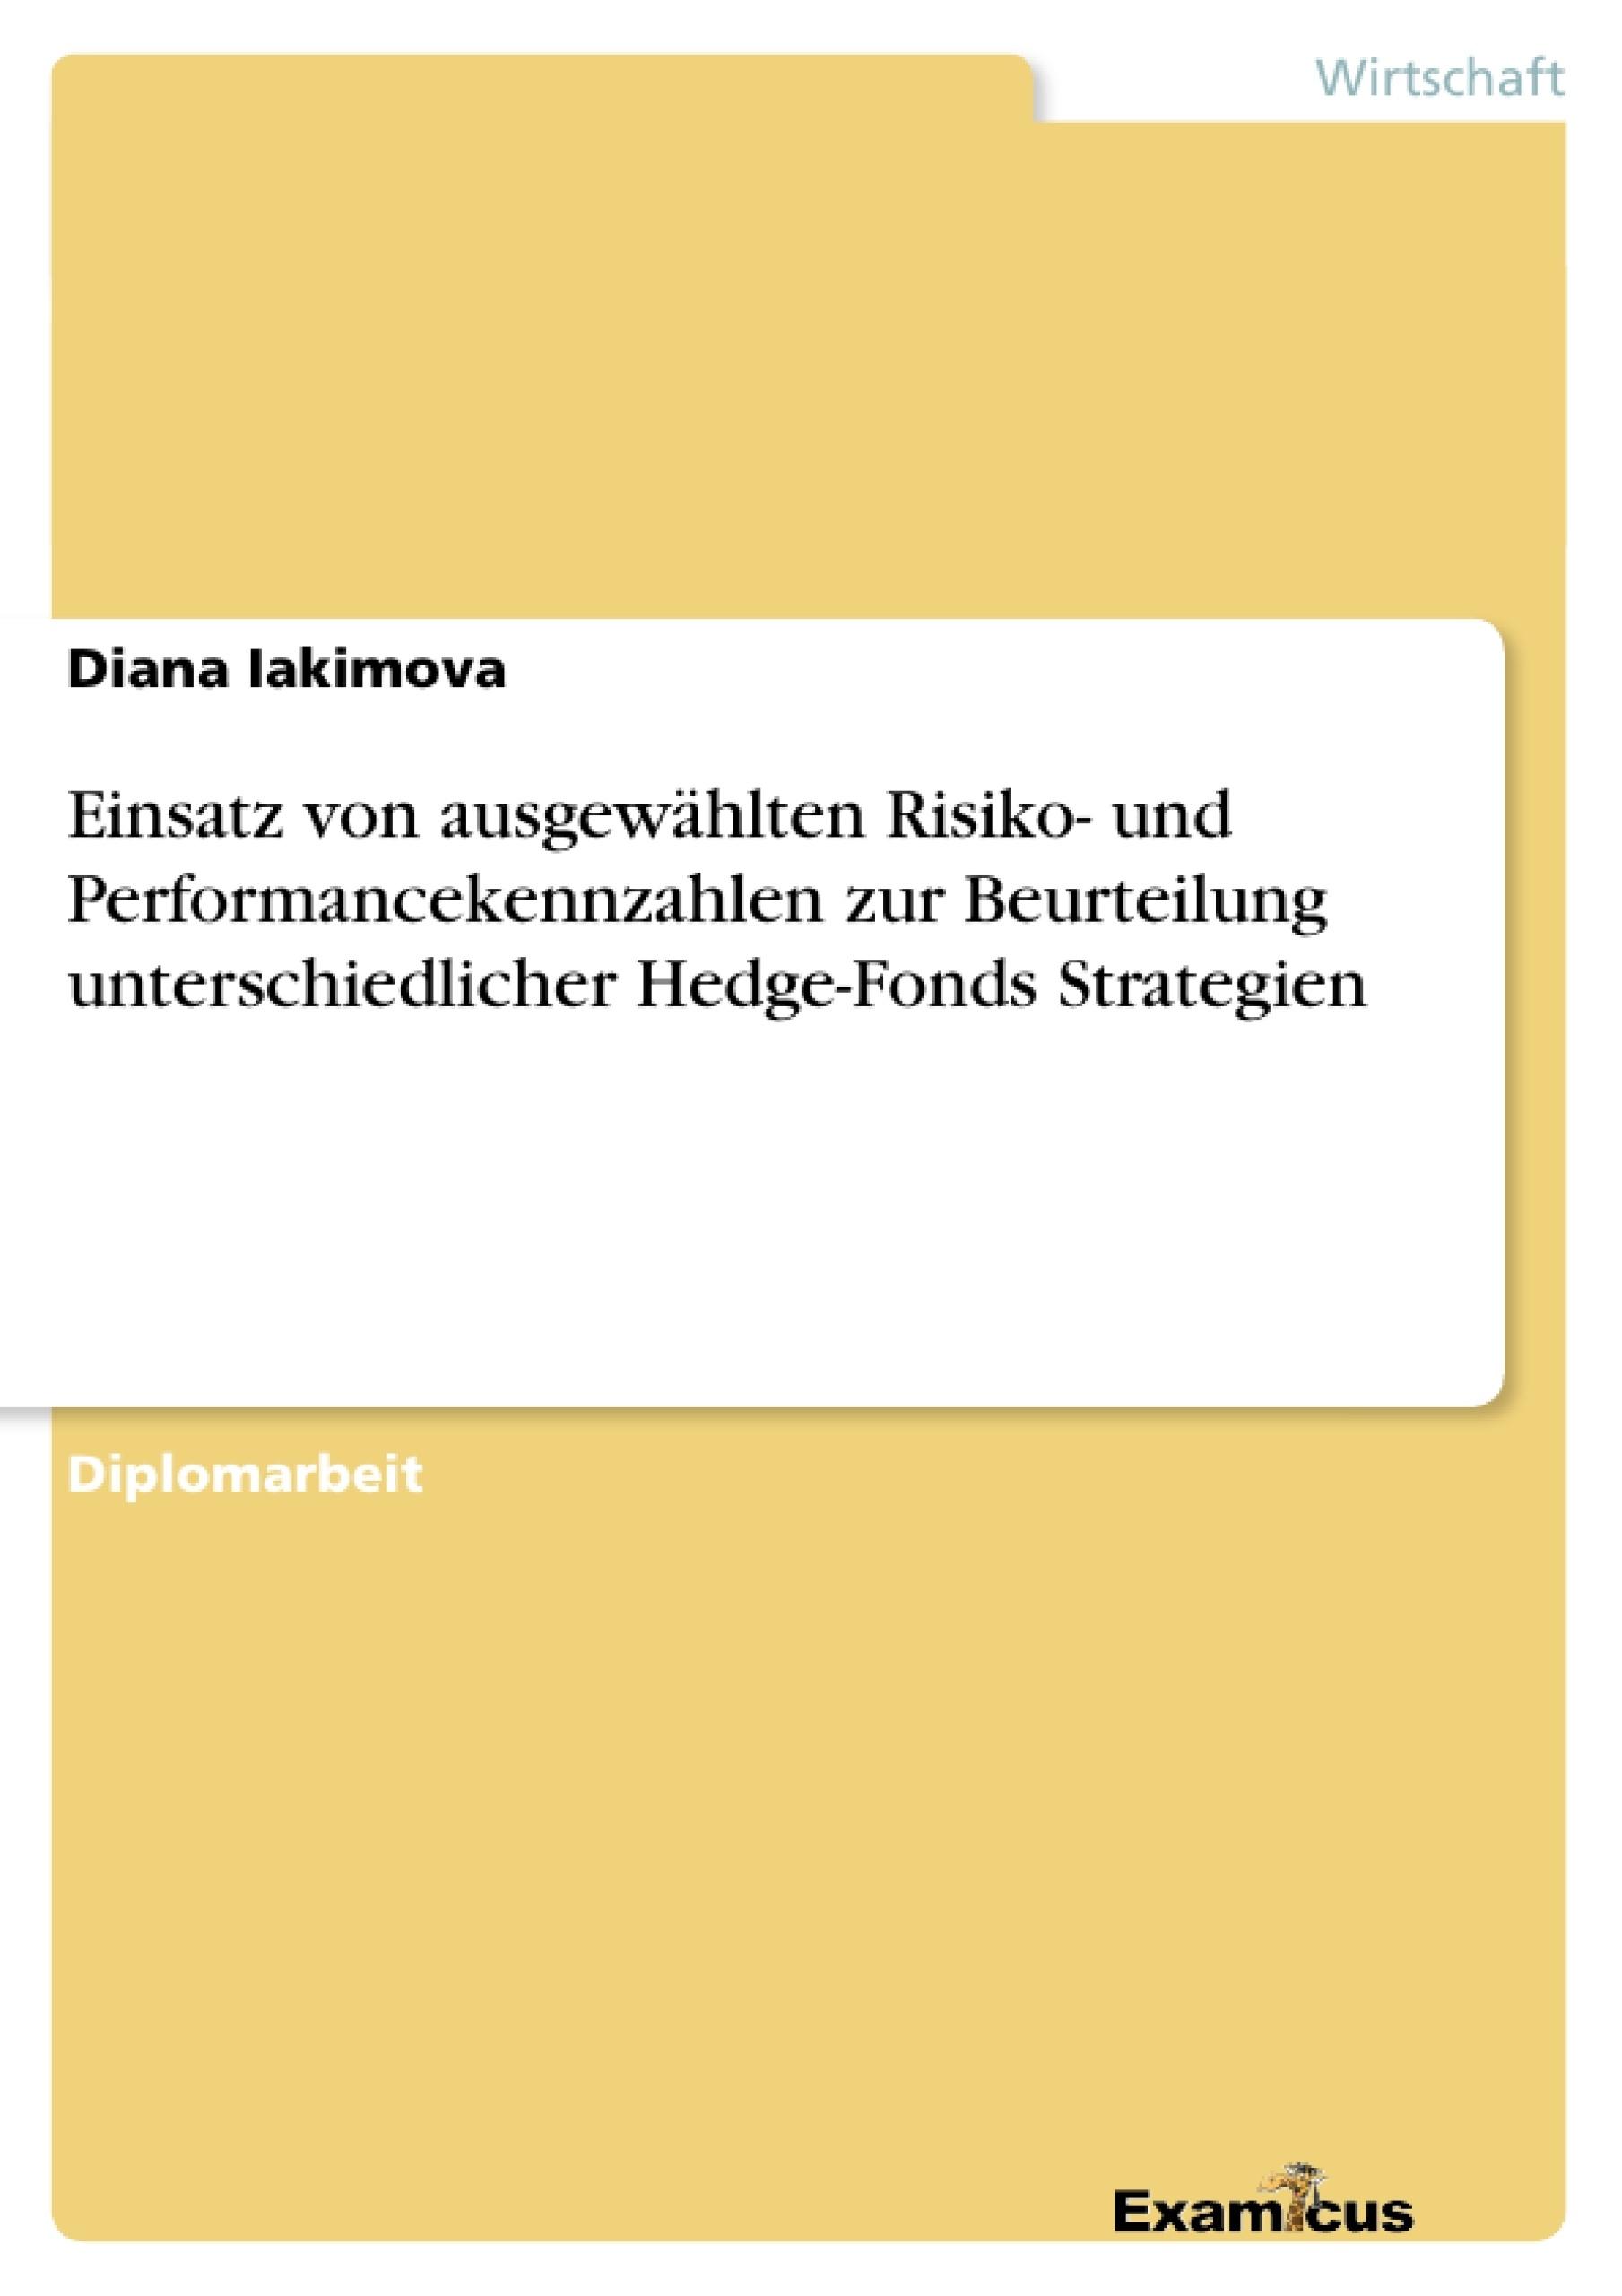 Titel: Einsatz von ausgewählten Risiko- und Performancekennzahlen zur Beurteilung unterschiedlicher Hedge-Fonds Strategien